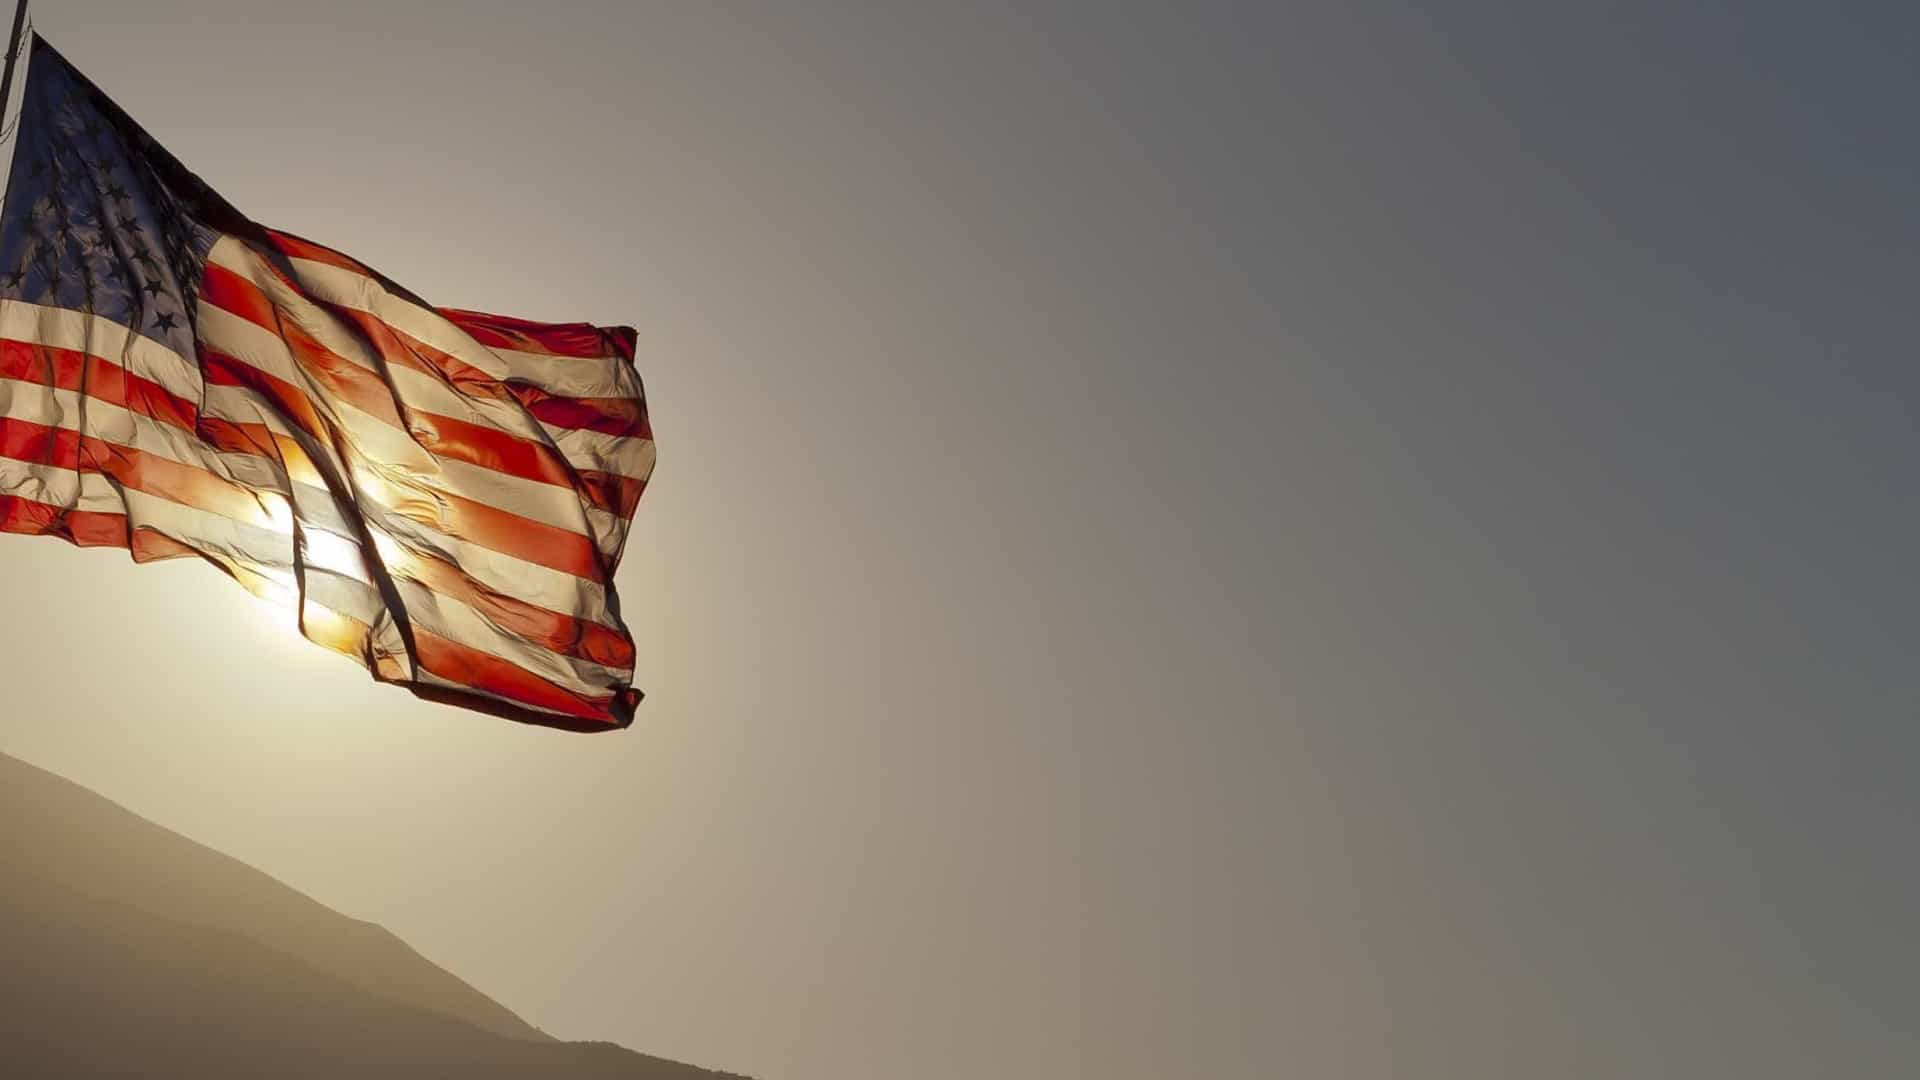 Nível de pobreza nos EUA cai pelo terceiro ano consecutivo para 12,3%